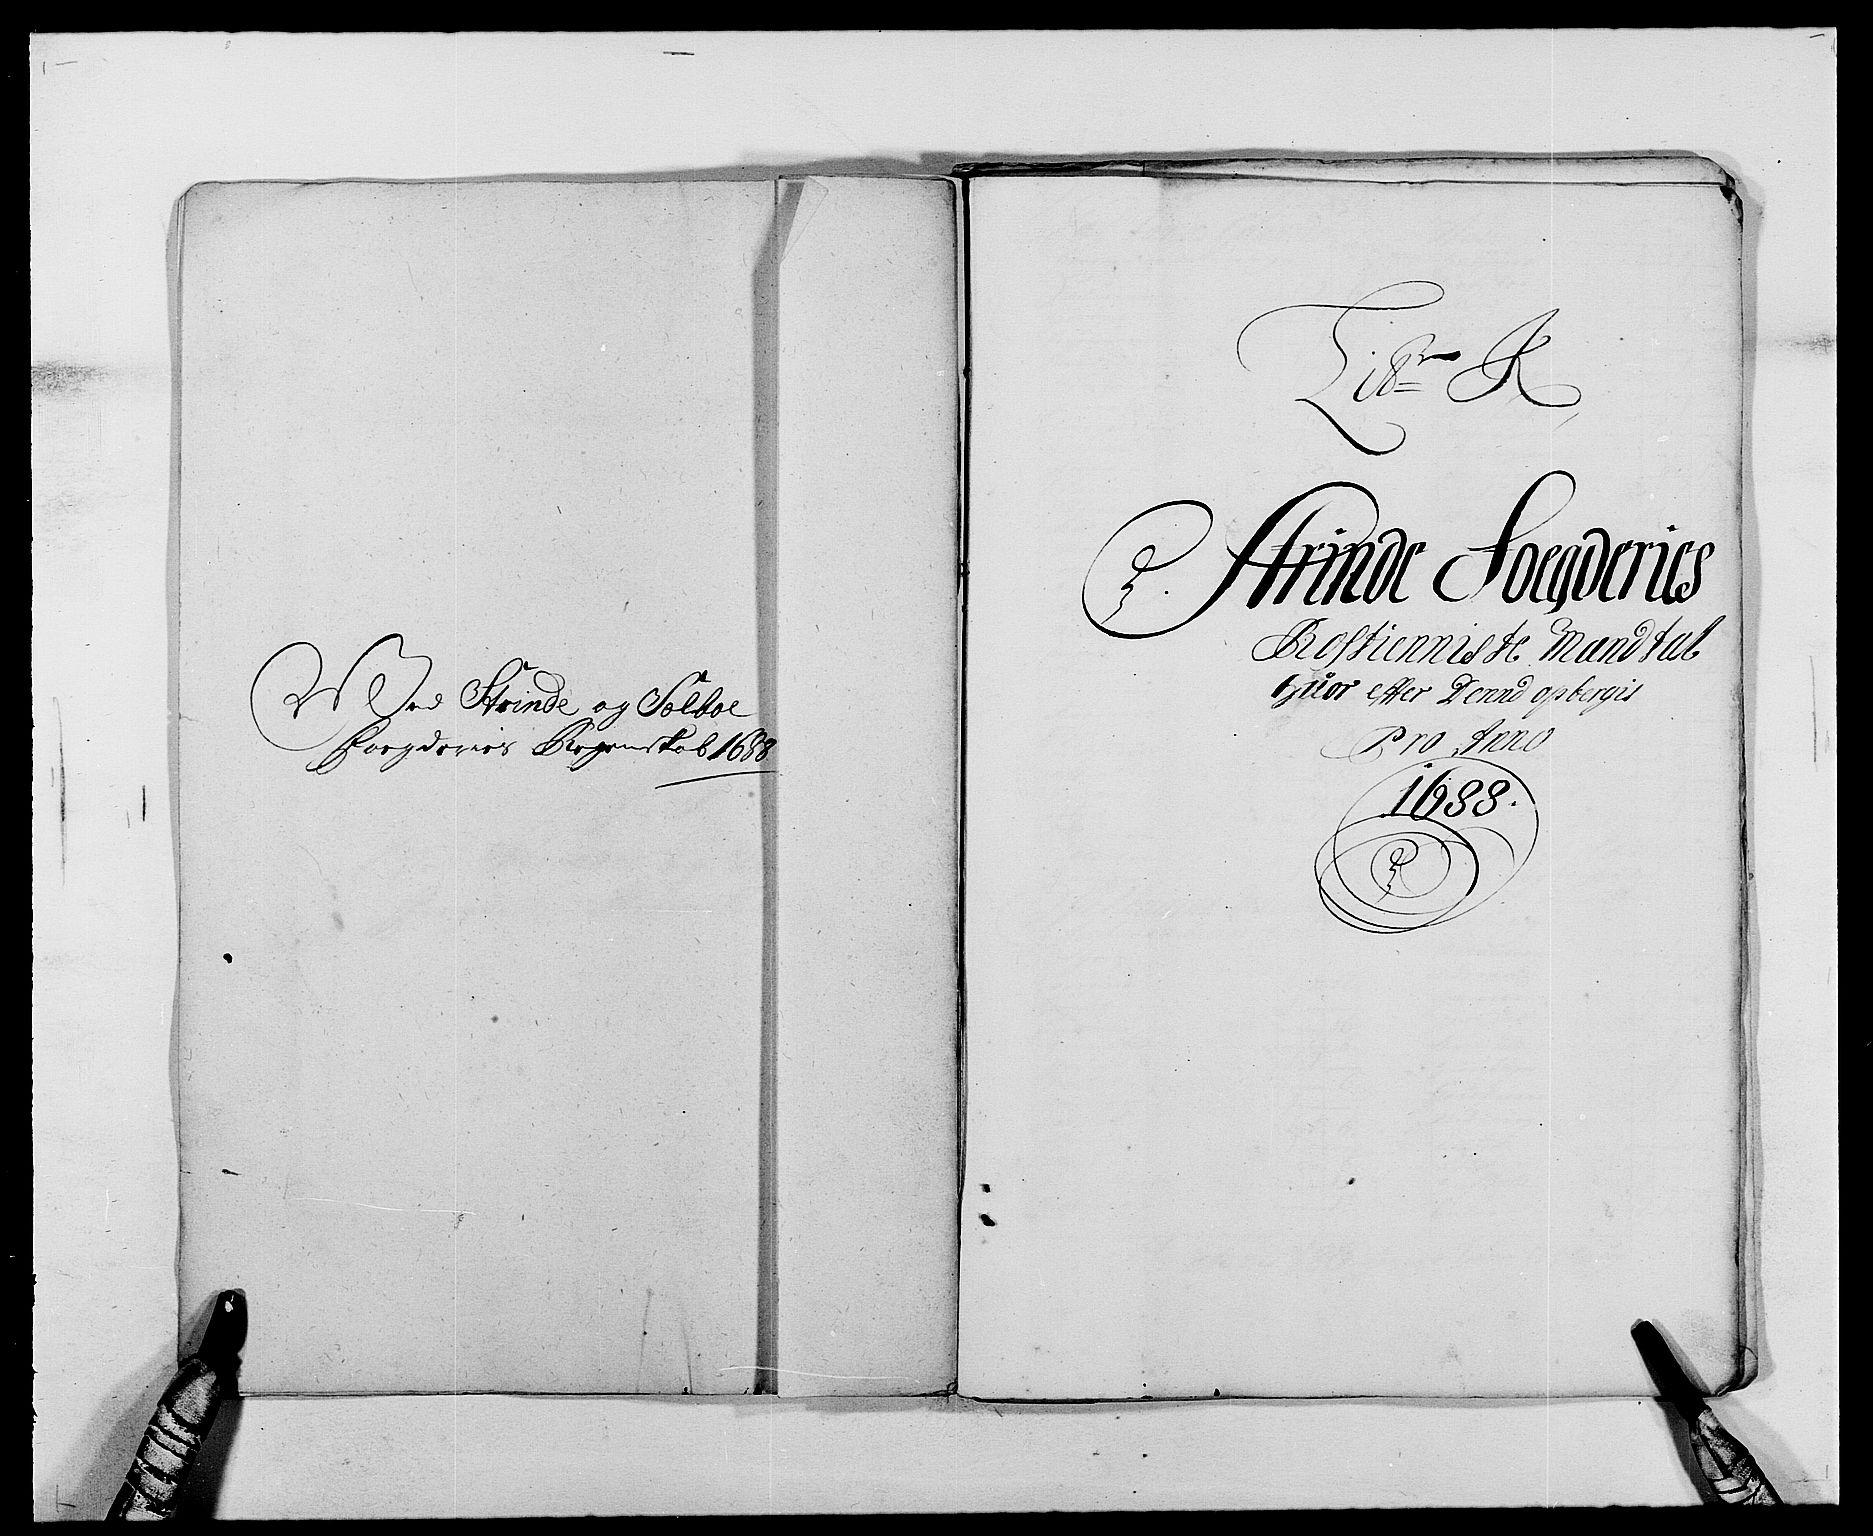 RA, Rentekammeret inntil 1814, Reviderte regnskaper, Fogderegnskap, R61/L4101: Fogderegnskap Strinda og Selbu, 1687-1688, s. 214